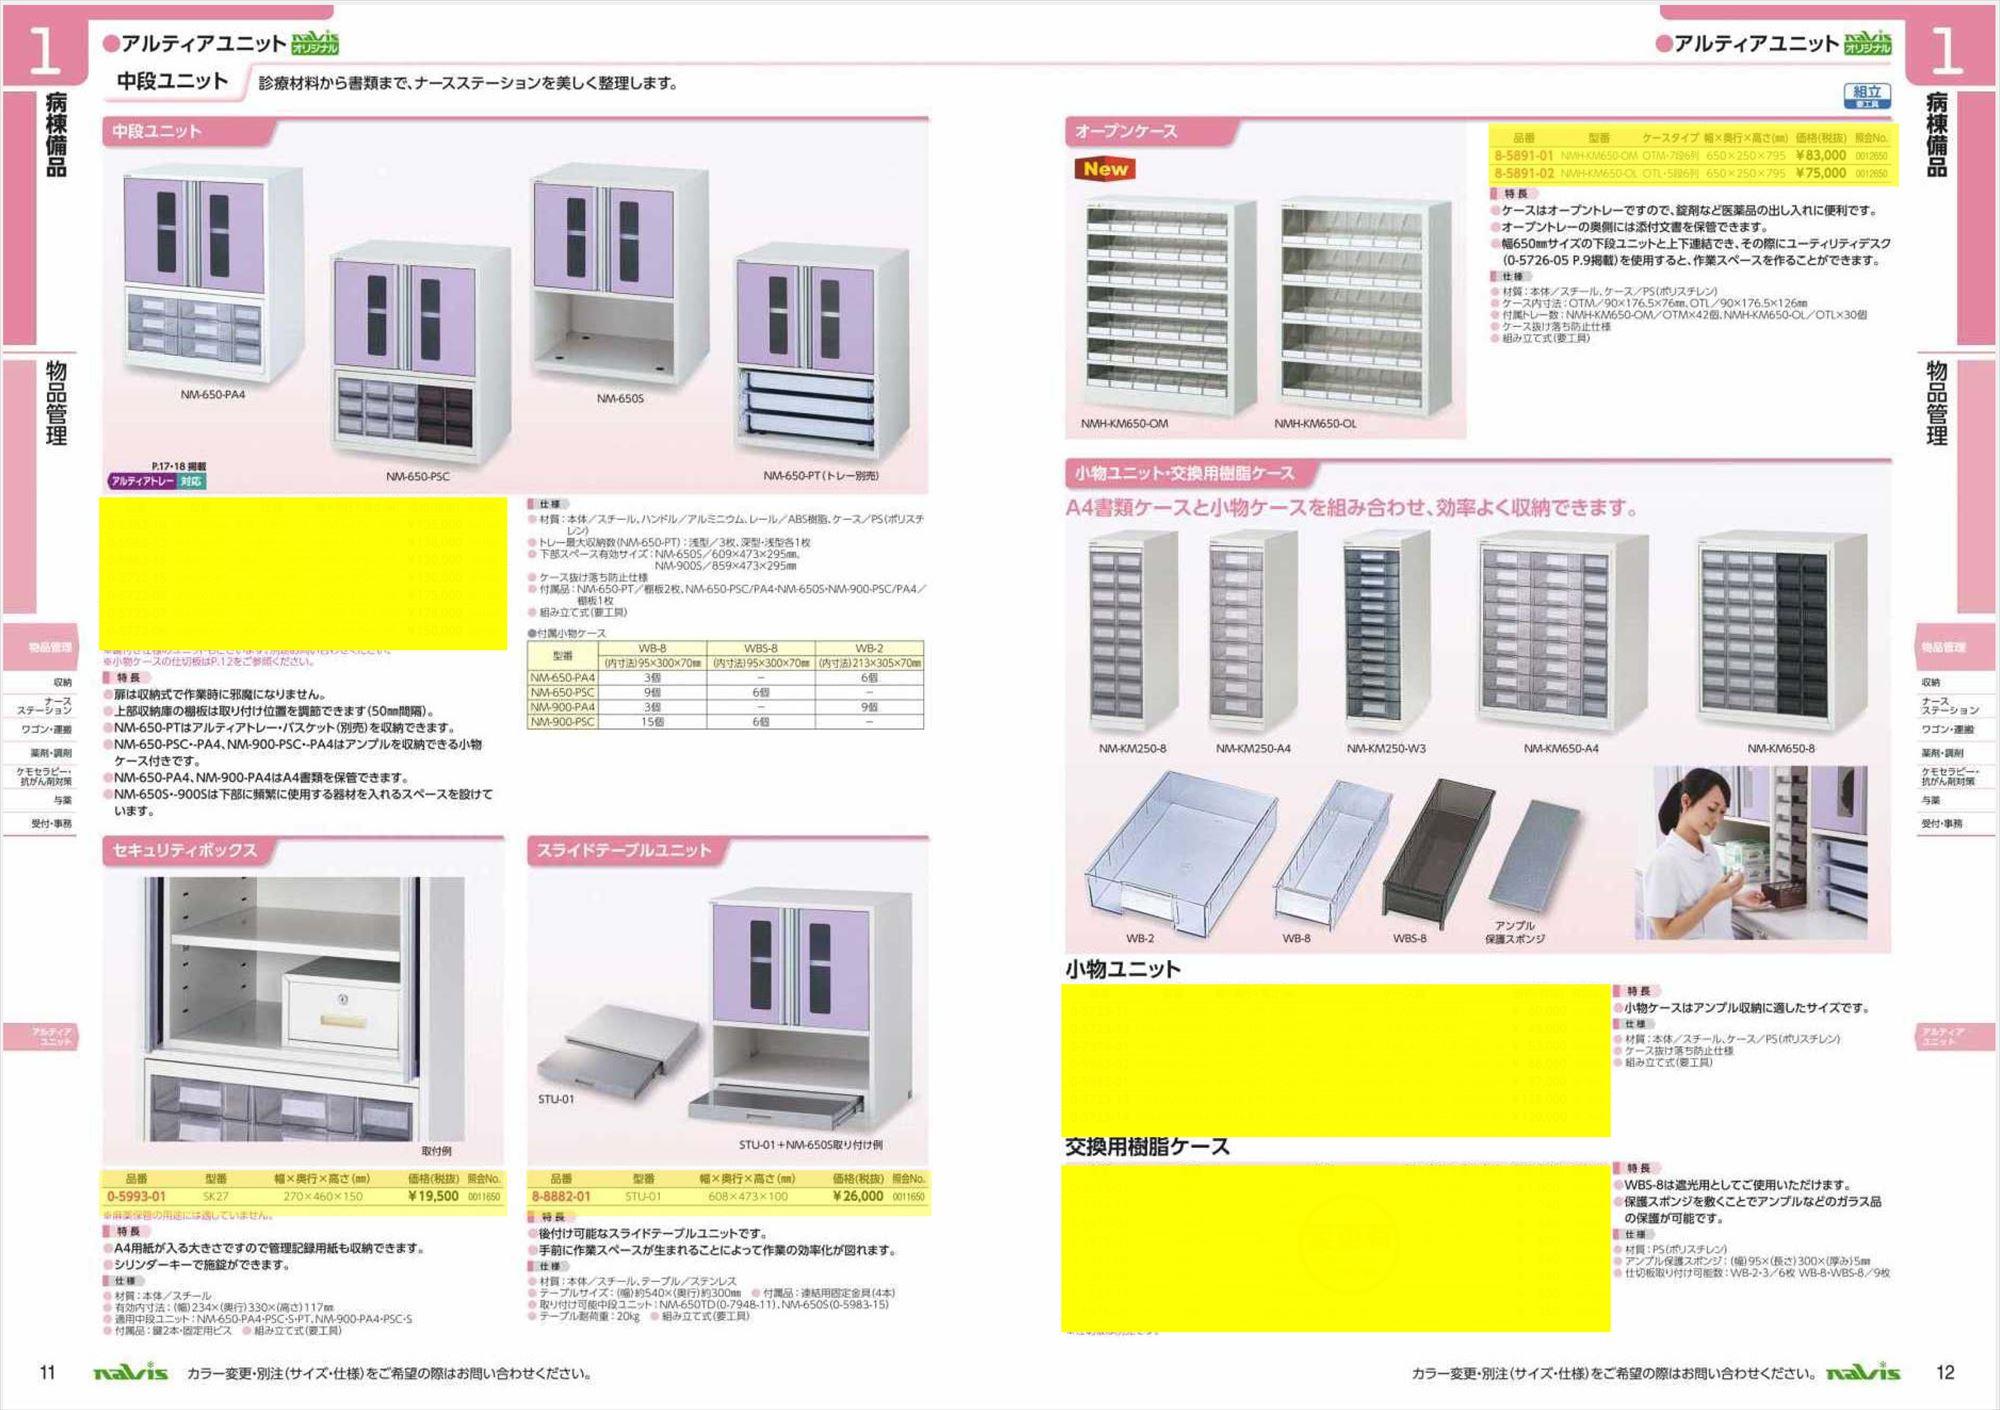 ナビス30000 0-5723-13 アルティア小物ユニット NM−KM900−8 900×475×795mm チュウダンユニットNM-KM900-8 NN304-011602 [個]